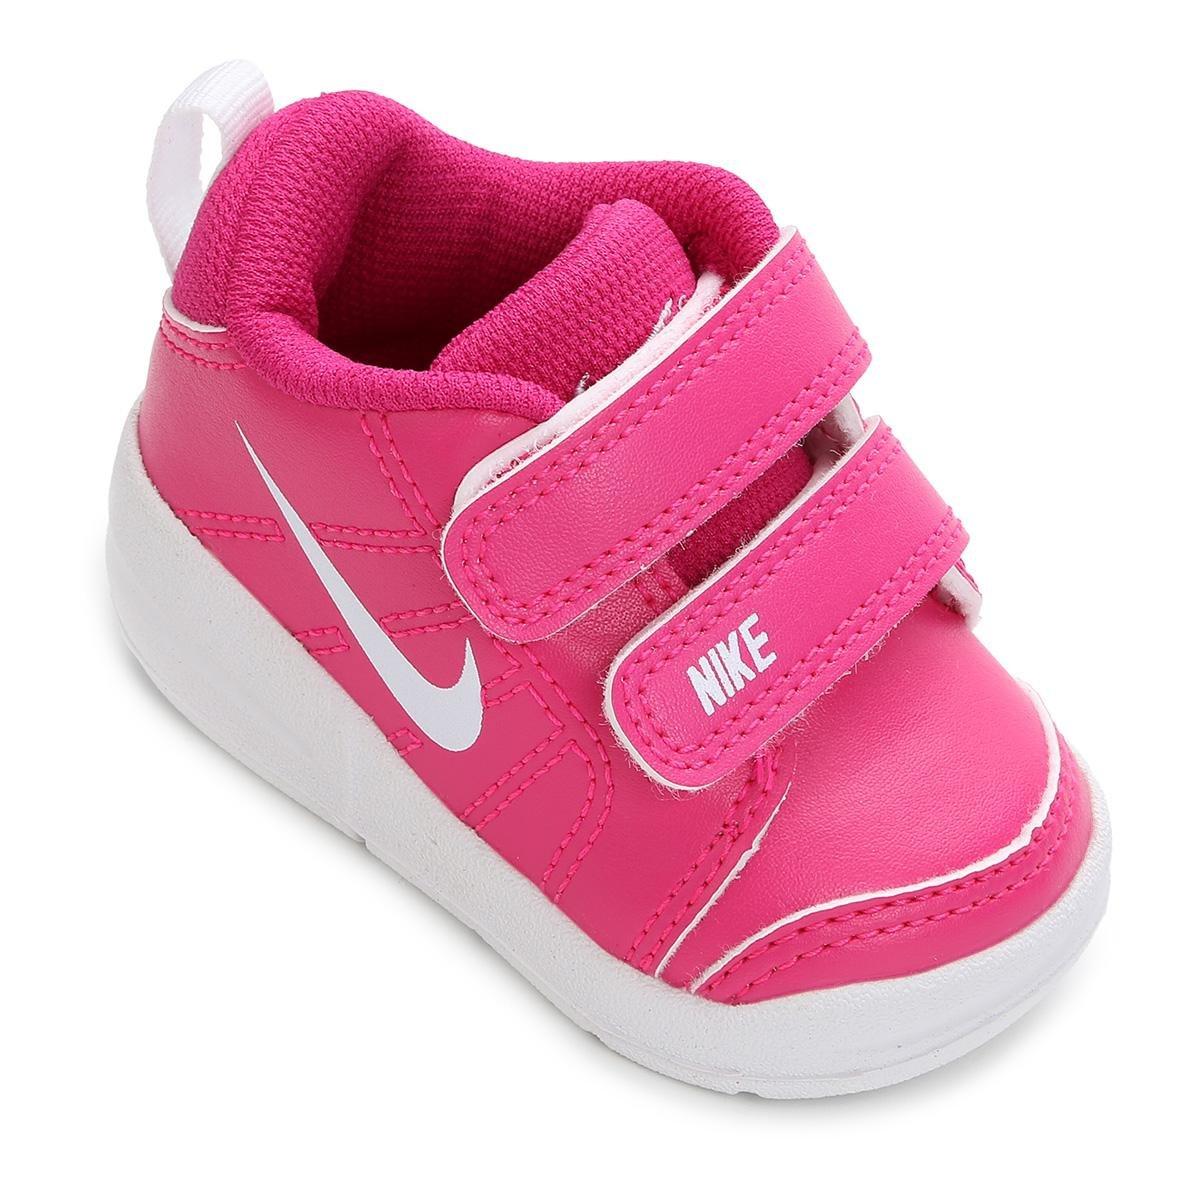 13de589f04b Tênis Infantil Nike Pico Lt - Rosa e Branco - Compre Agora